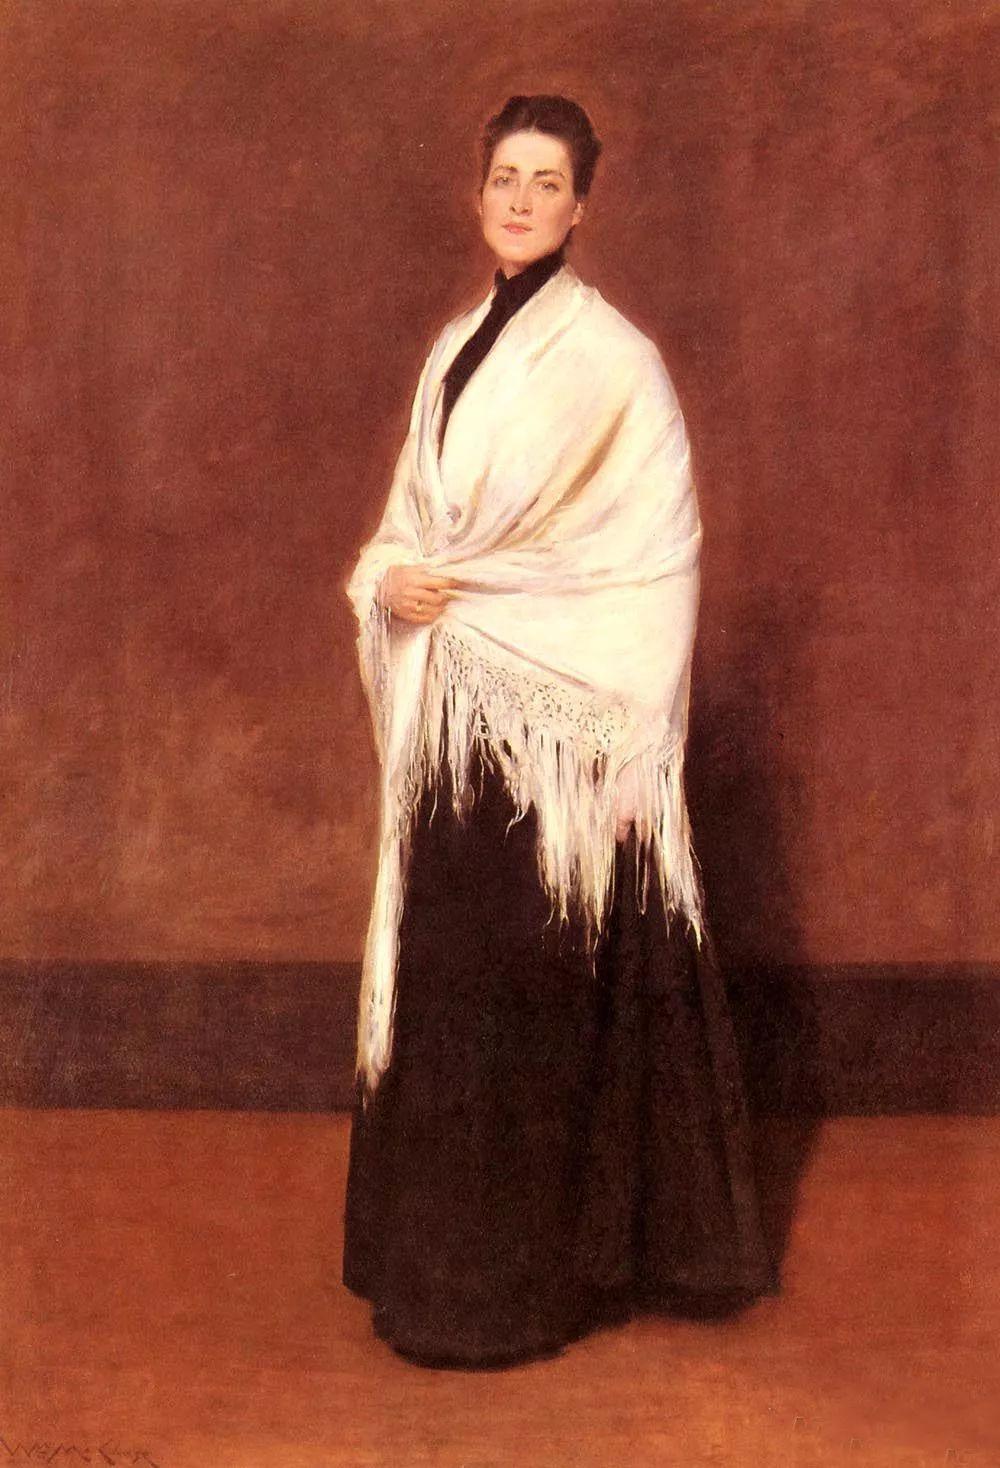 一位才华横溢的画家,上世纪初国际艺术界的领导者插图11